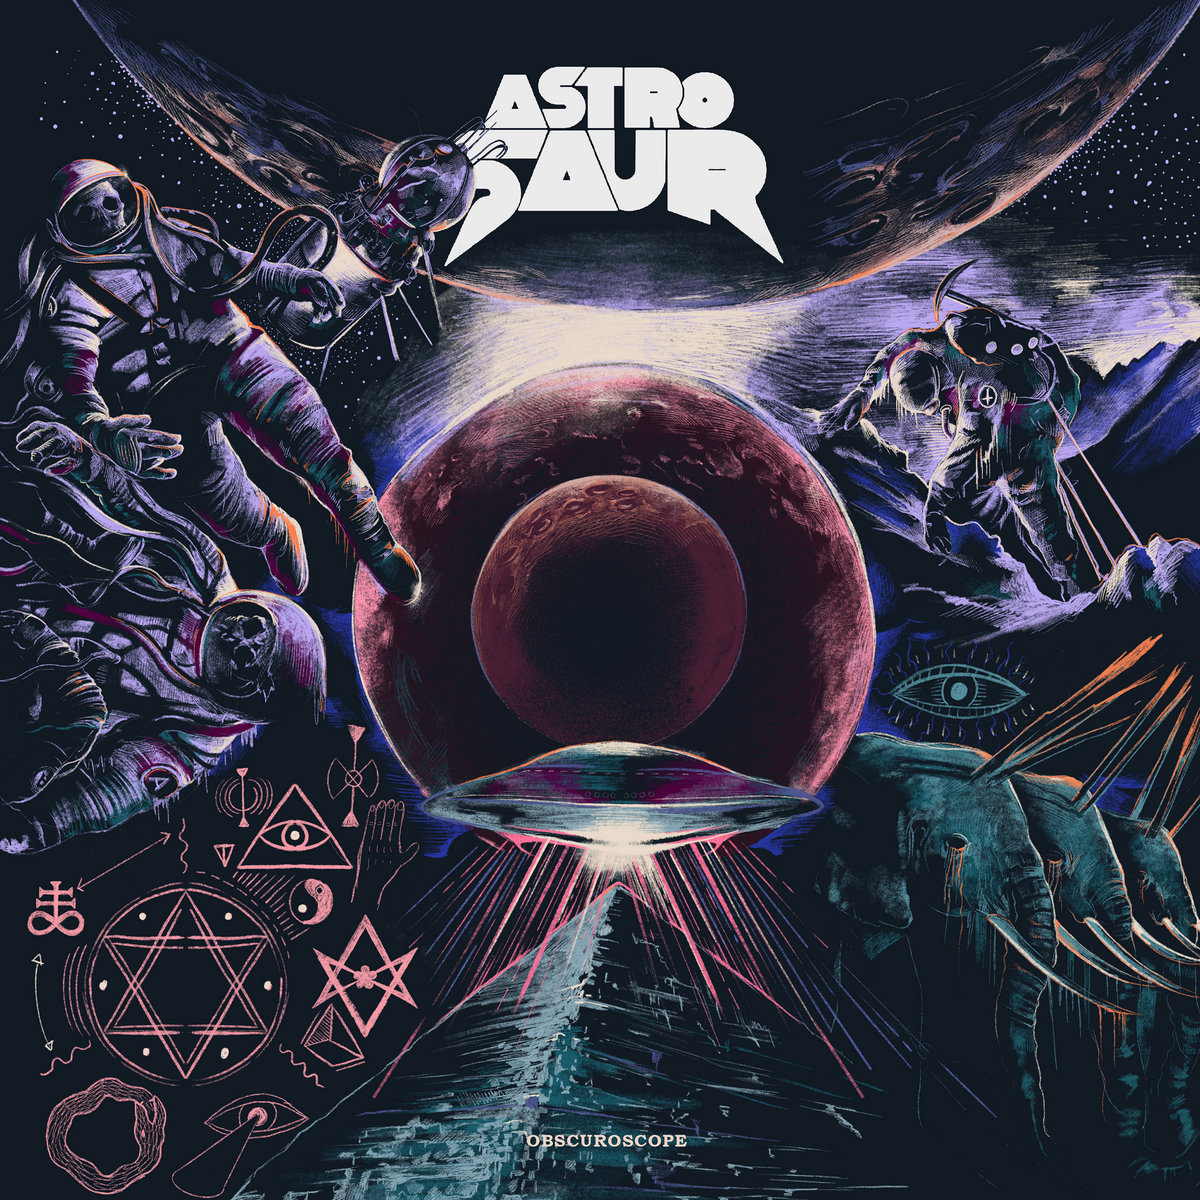 Astrosaur: Obscuroscope